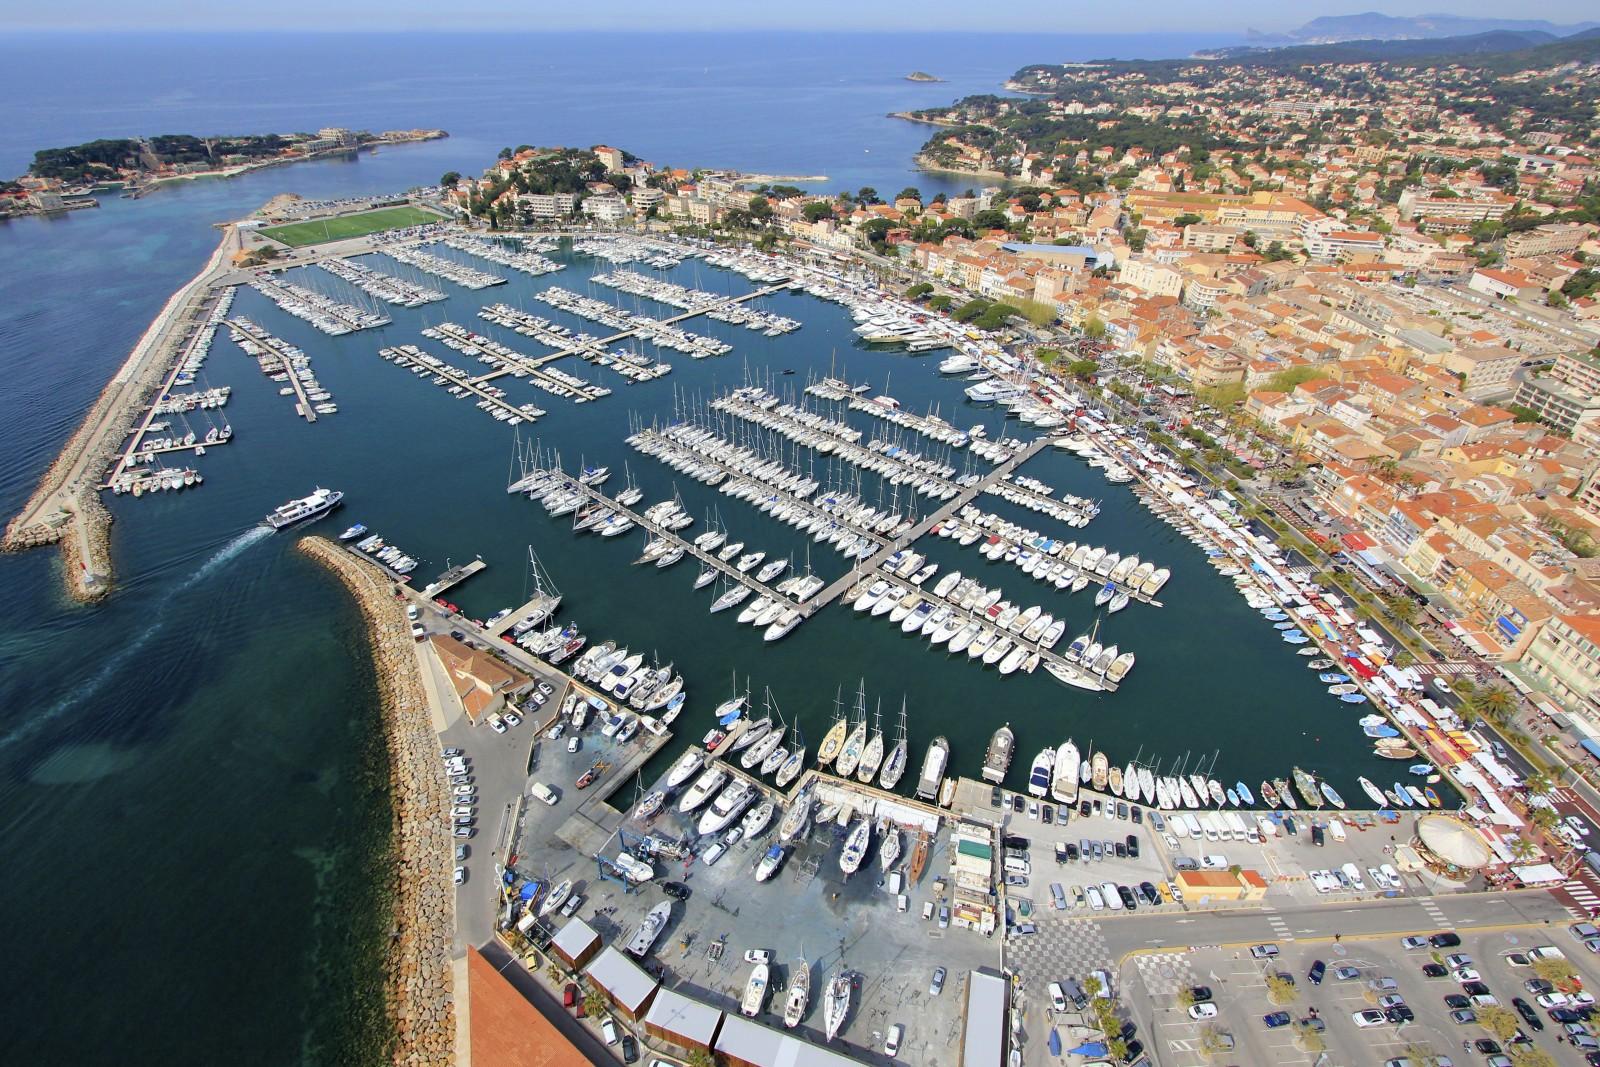 Vue aérienne du port de Bandol